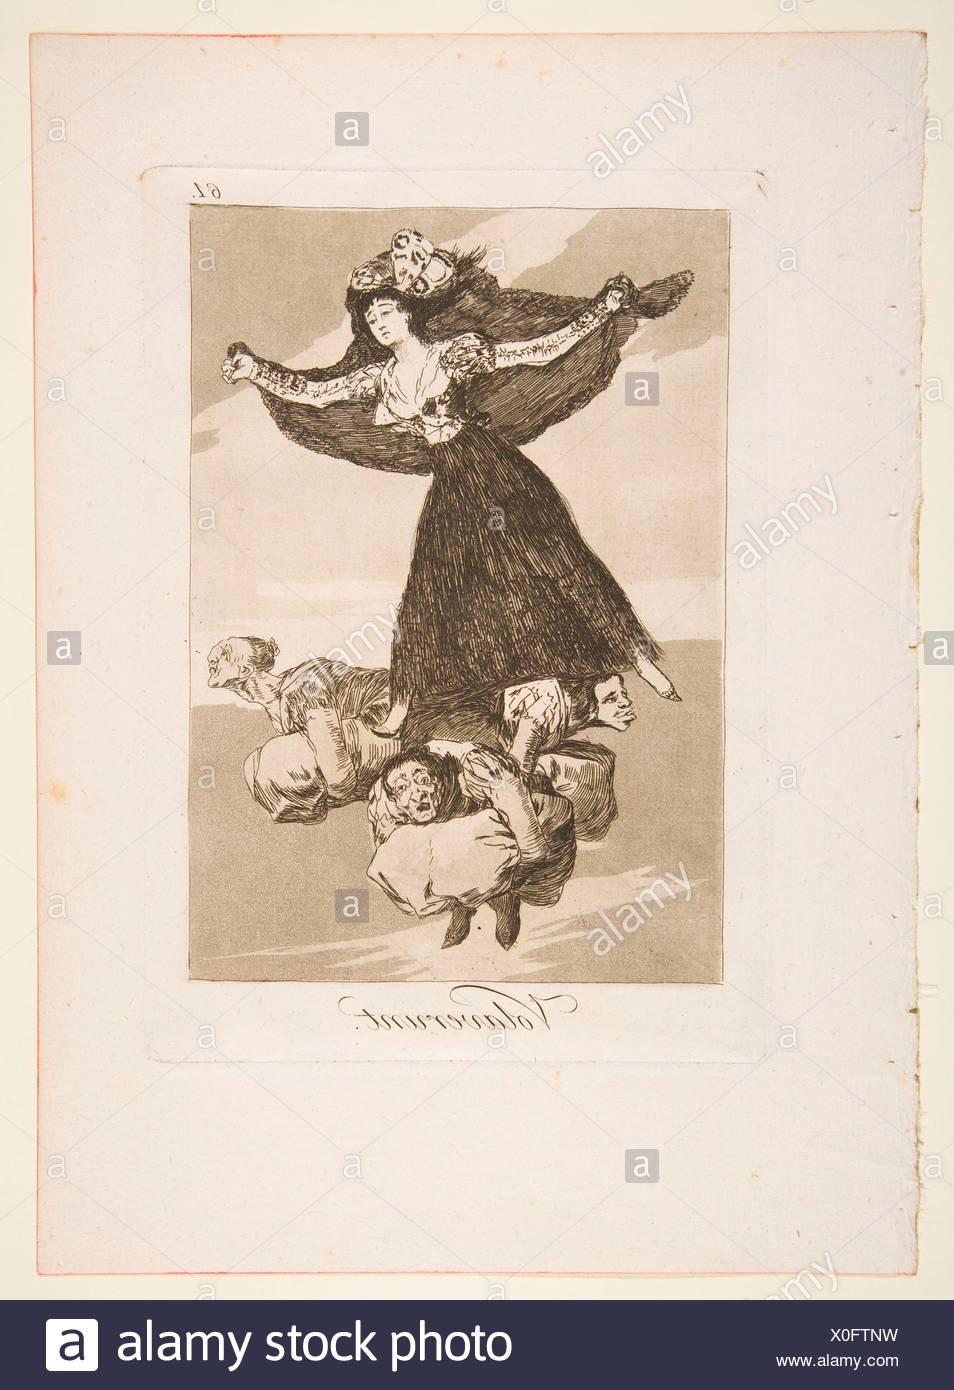 Plate 61 from 'Los Caprichos': They have flown (Volaverunt.). Series/Portfolio: Los Caprichos; Artist: Goya (Francisco de Goya y Lucientes) (Spanish, - Stock Image